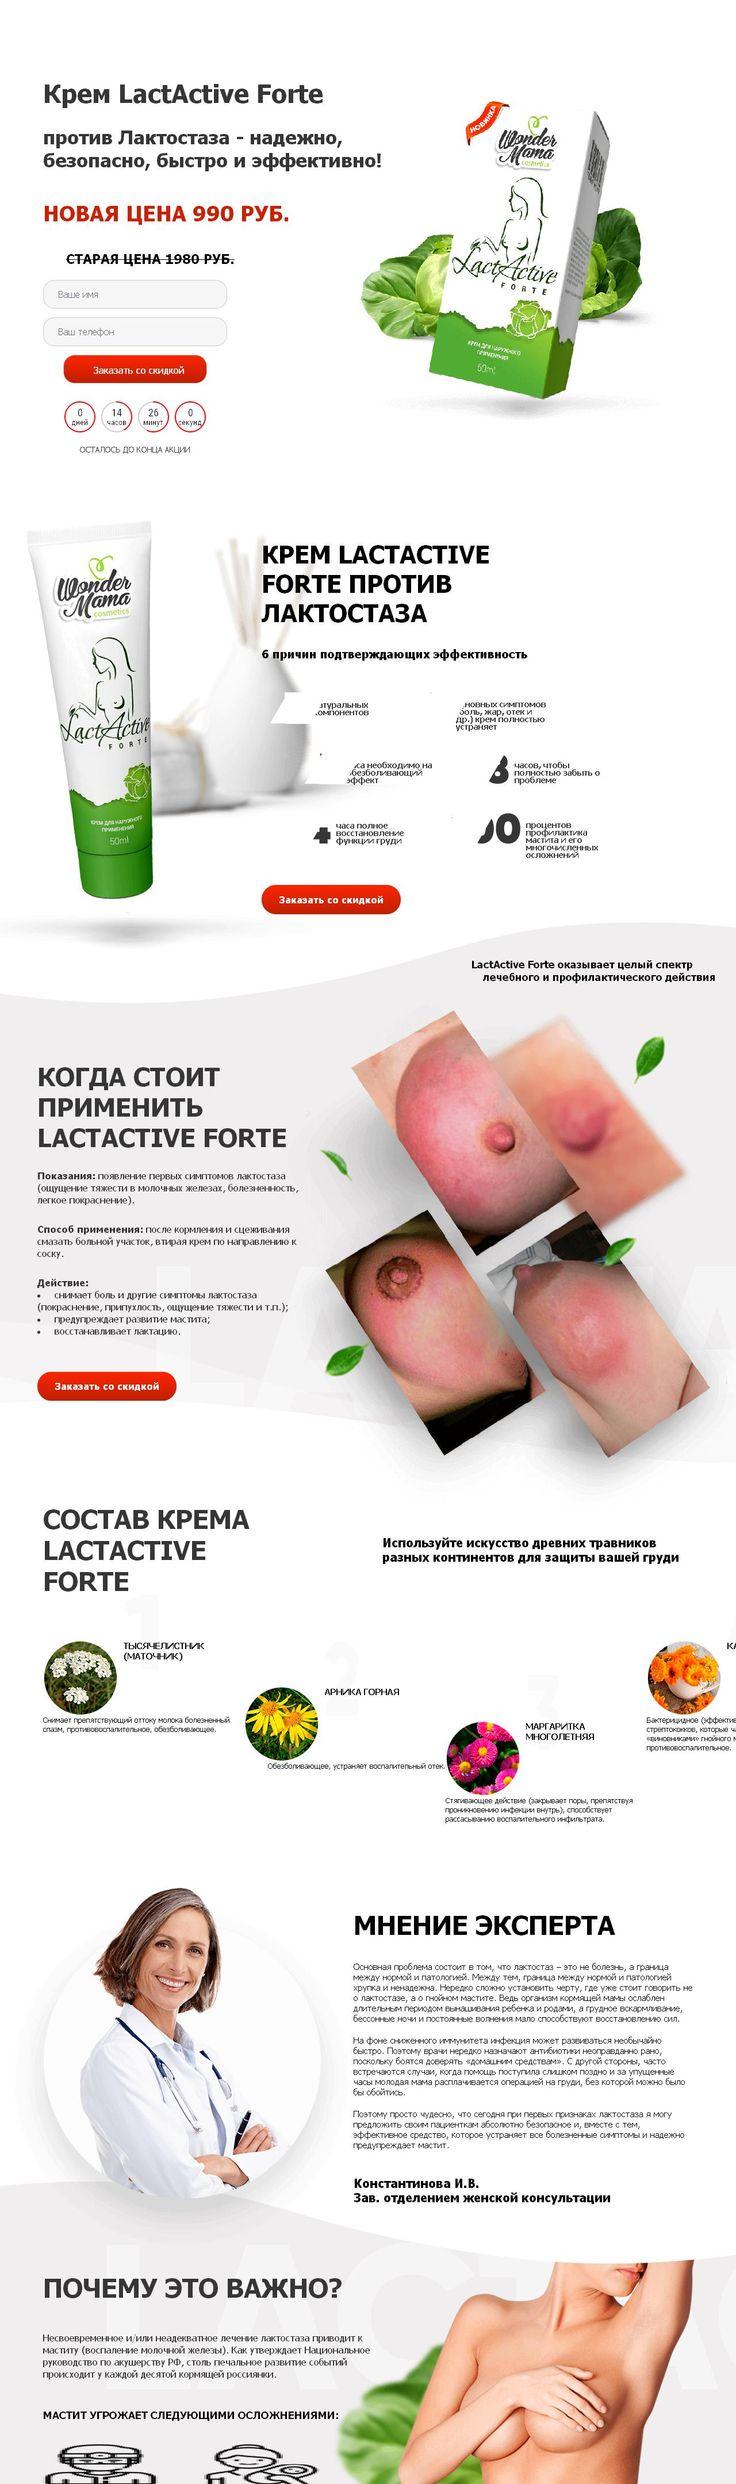 Крем LactActive Forte - от лактостаза в Уральске